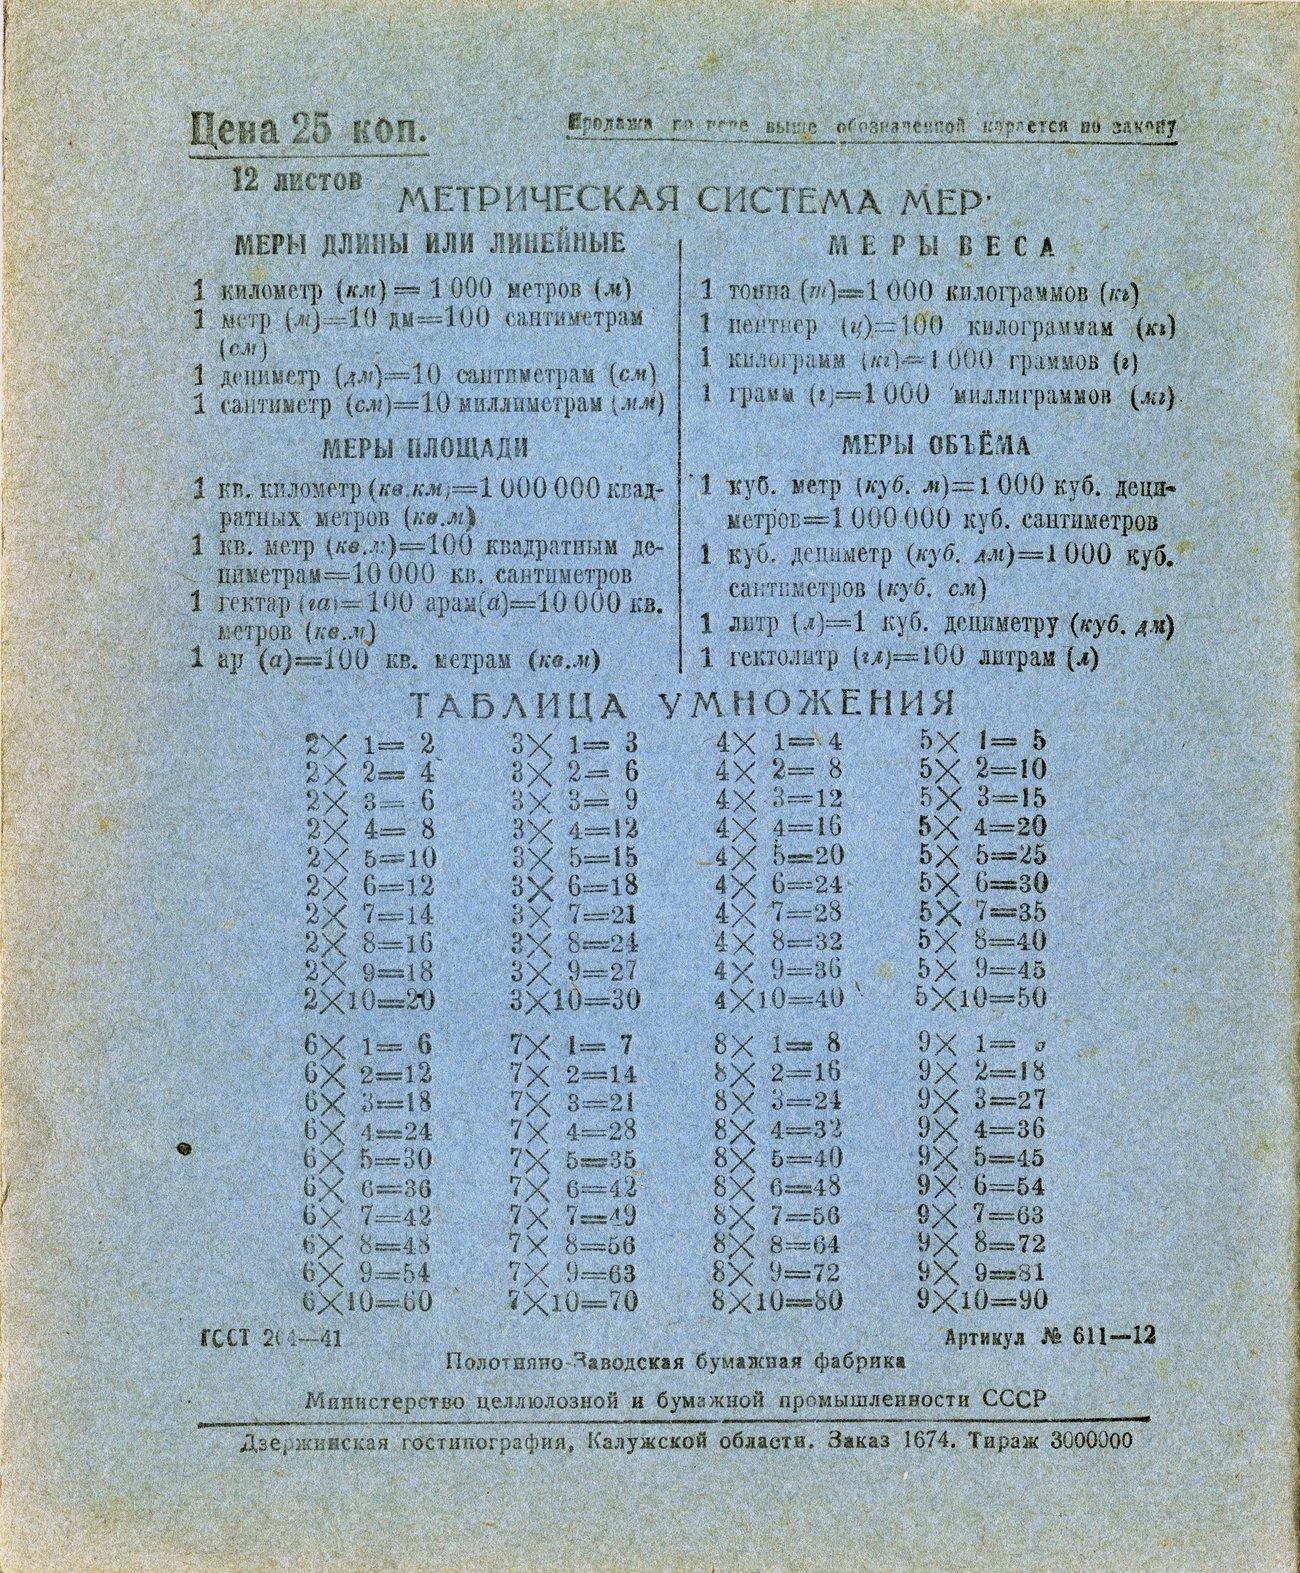 30 лет Советской армии 1948 оборот